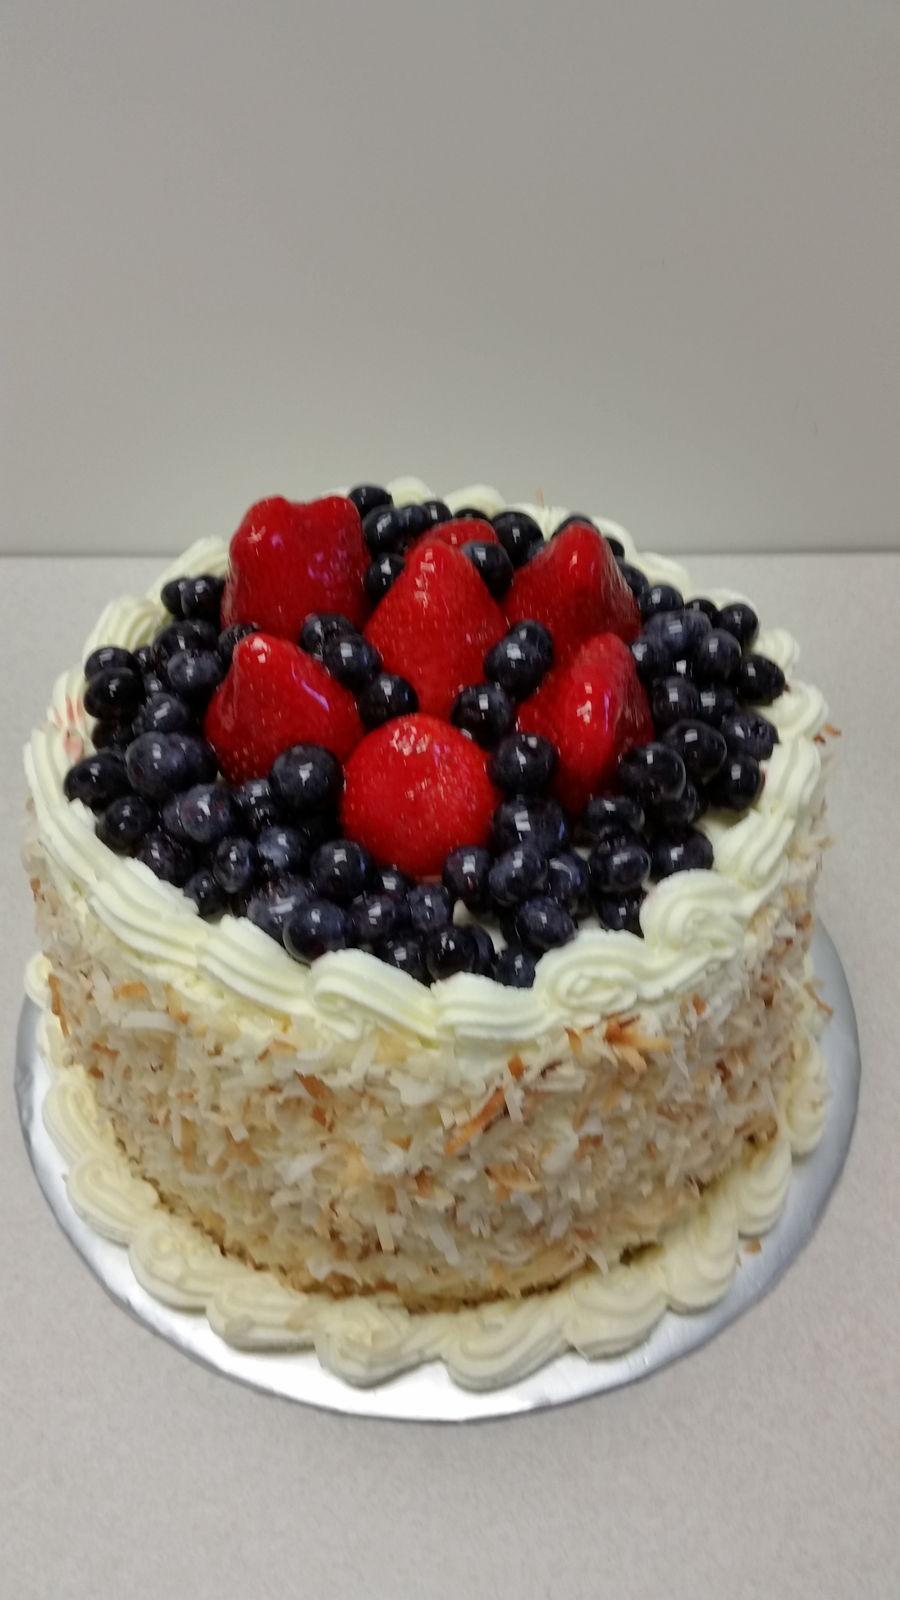 Strawberry Blueberry Cake - CakeCentral.com